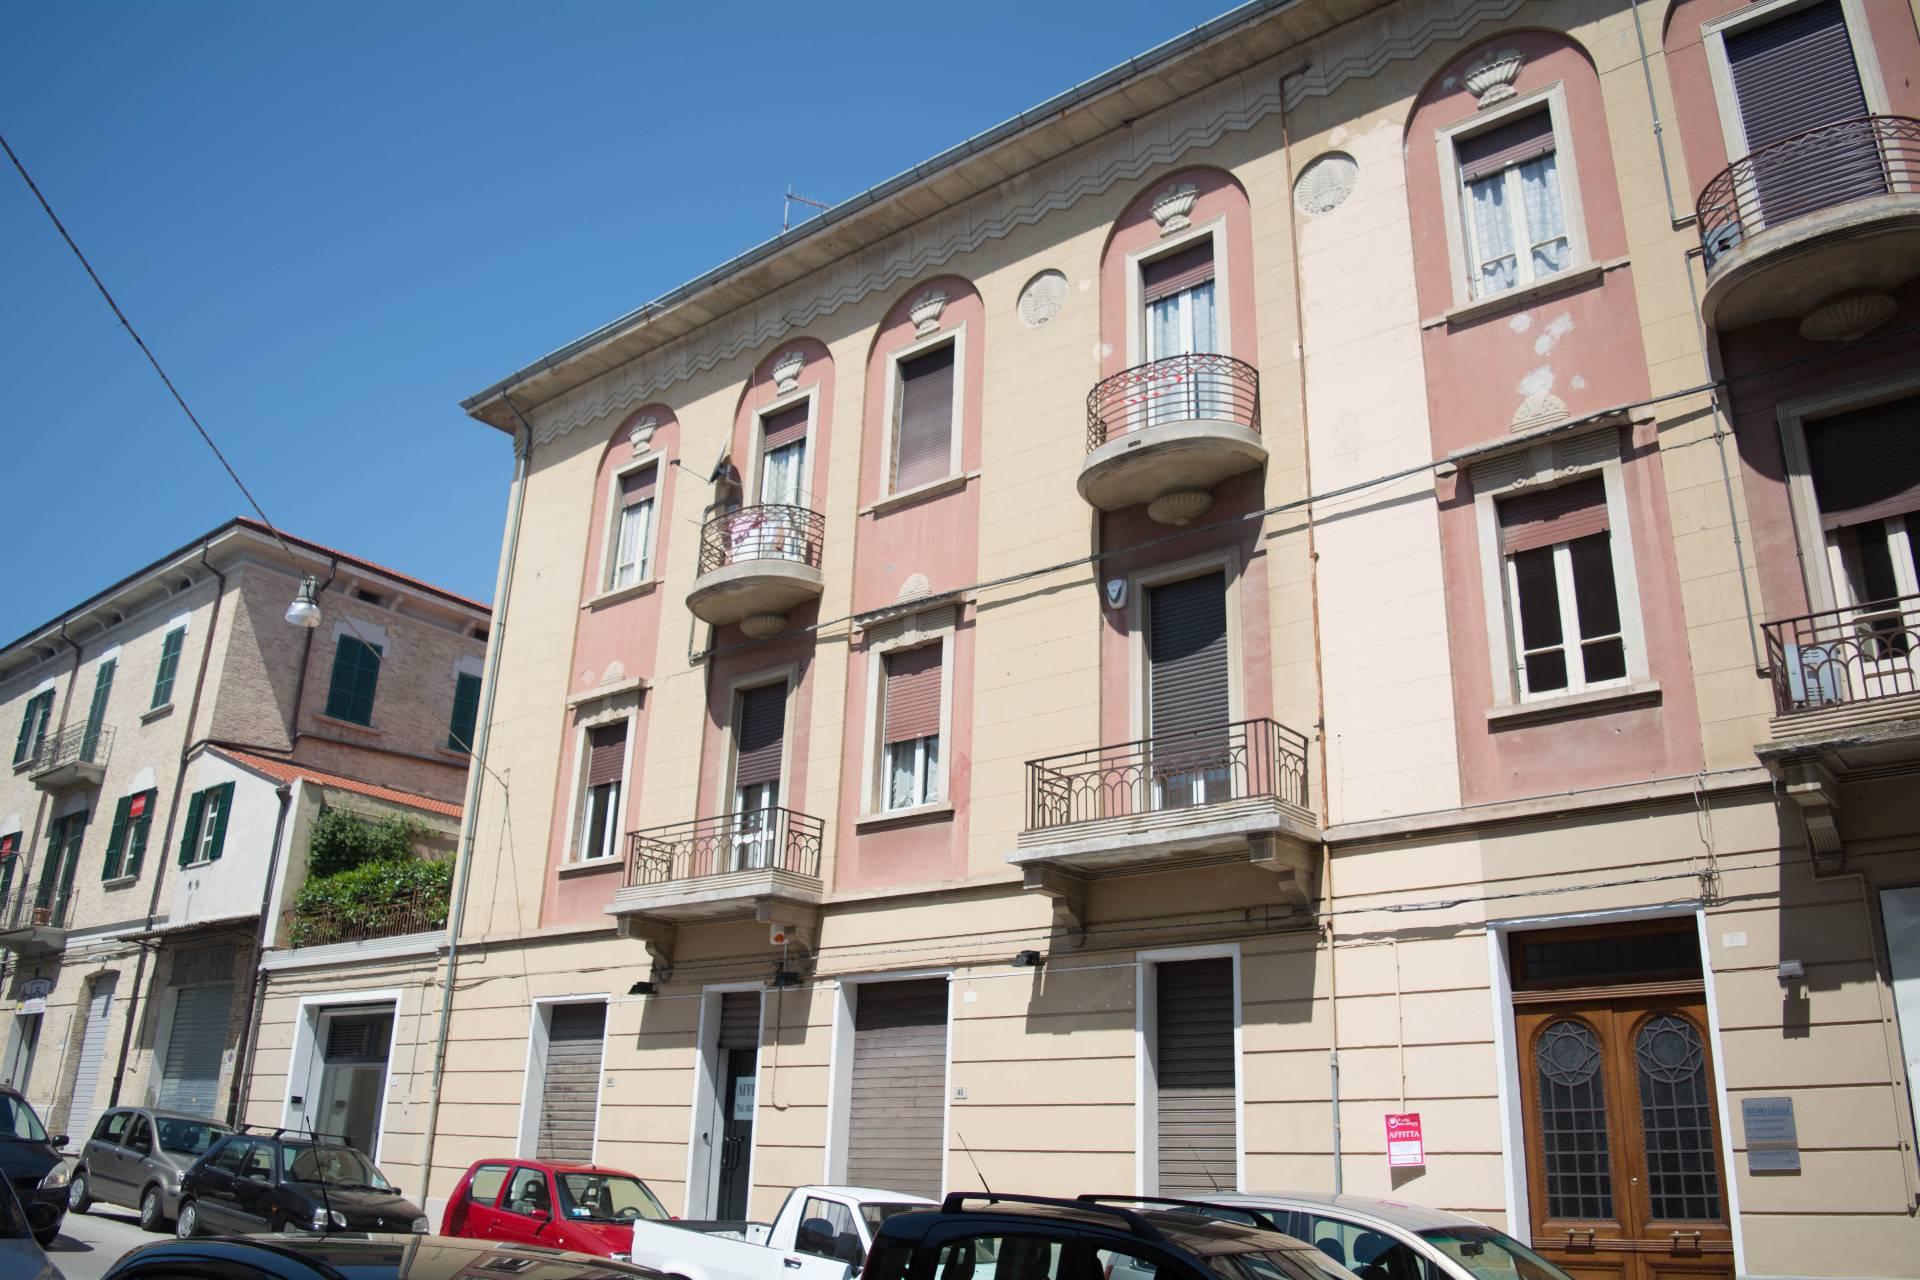 Appartamento in affitto a Lanciano, 9 locali, prezzo € 550 | Cambio Casa.it